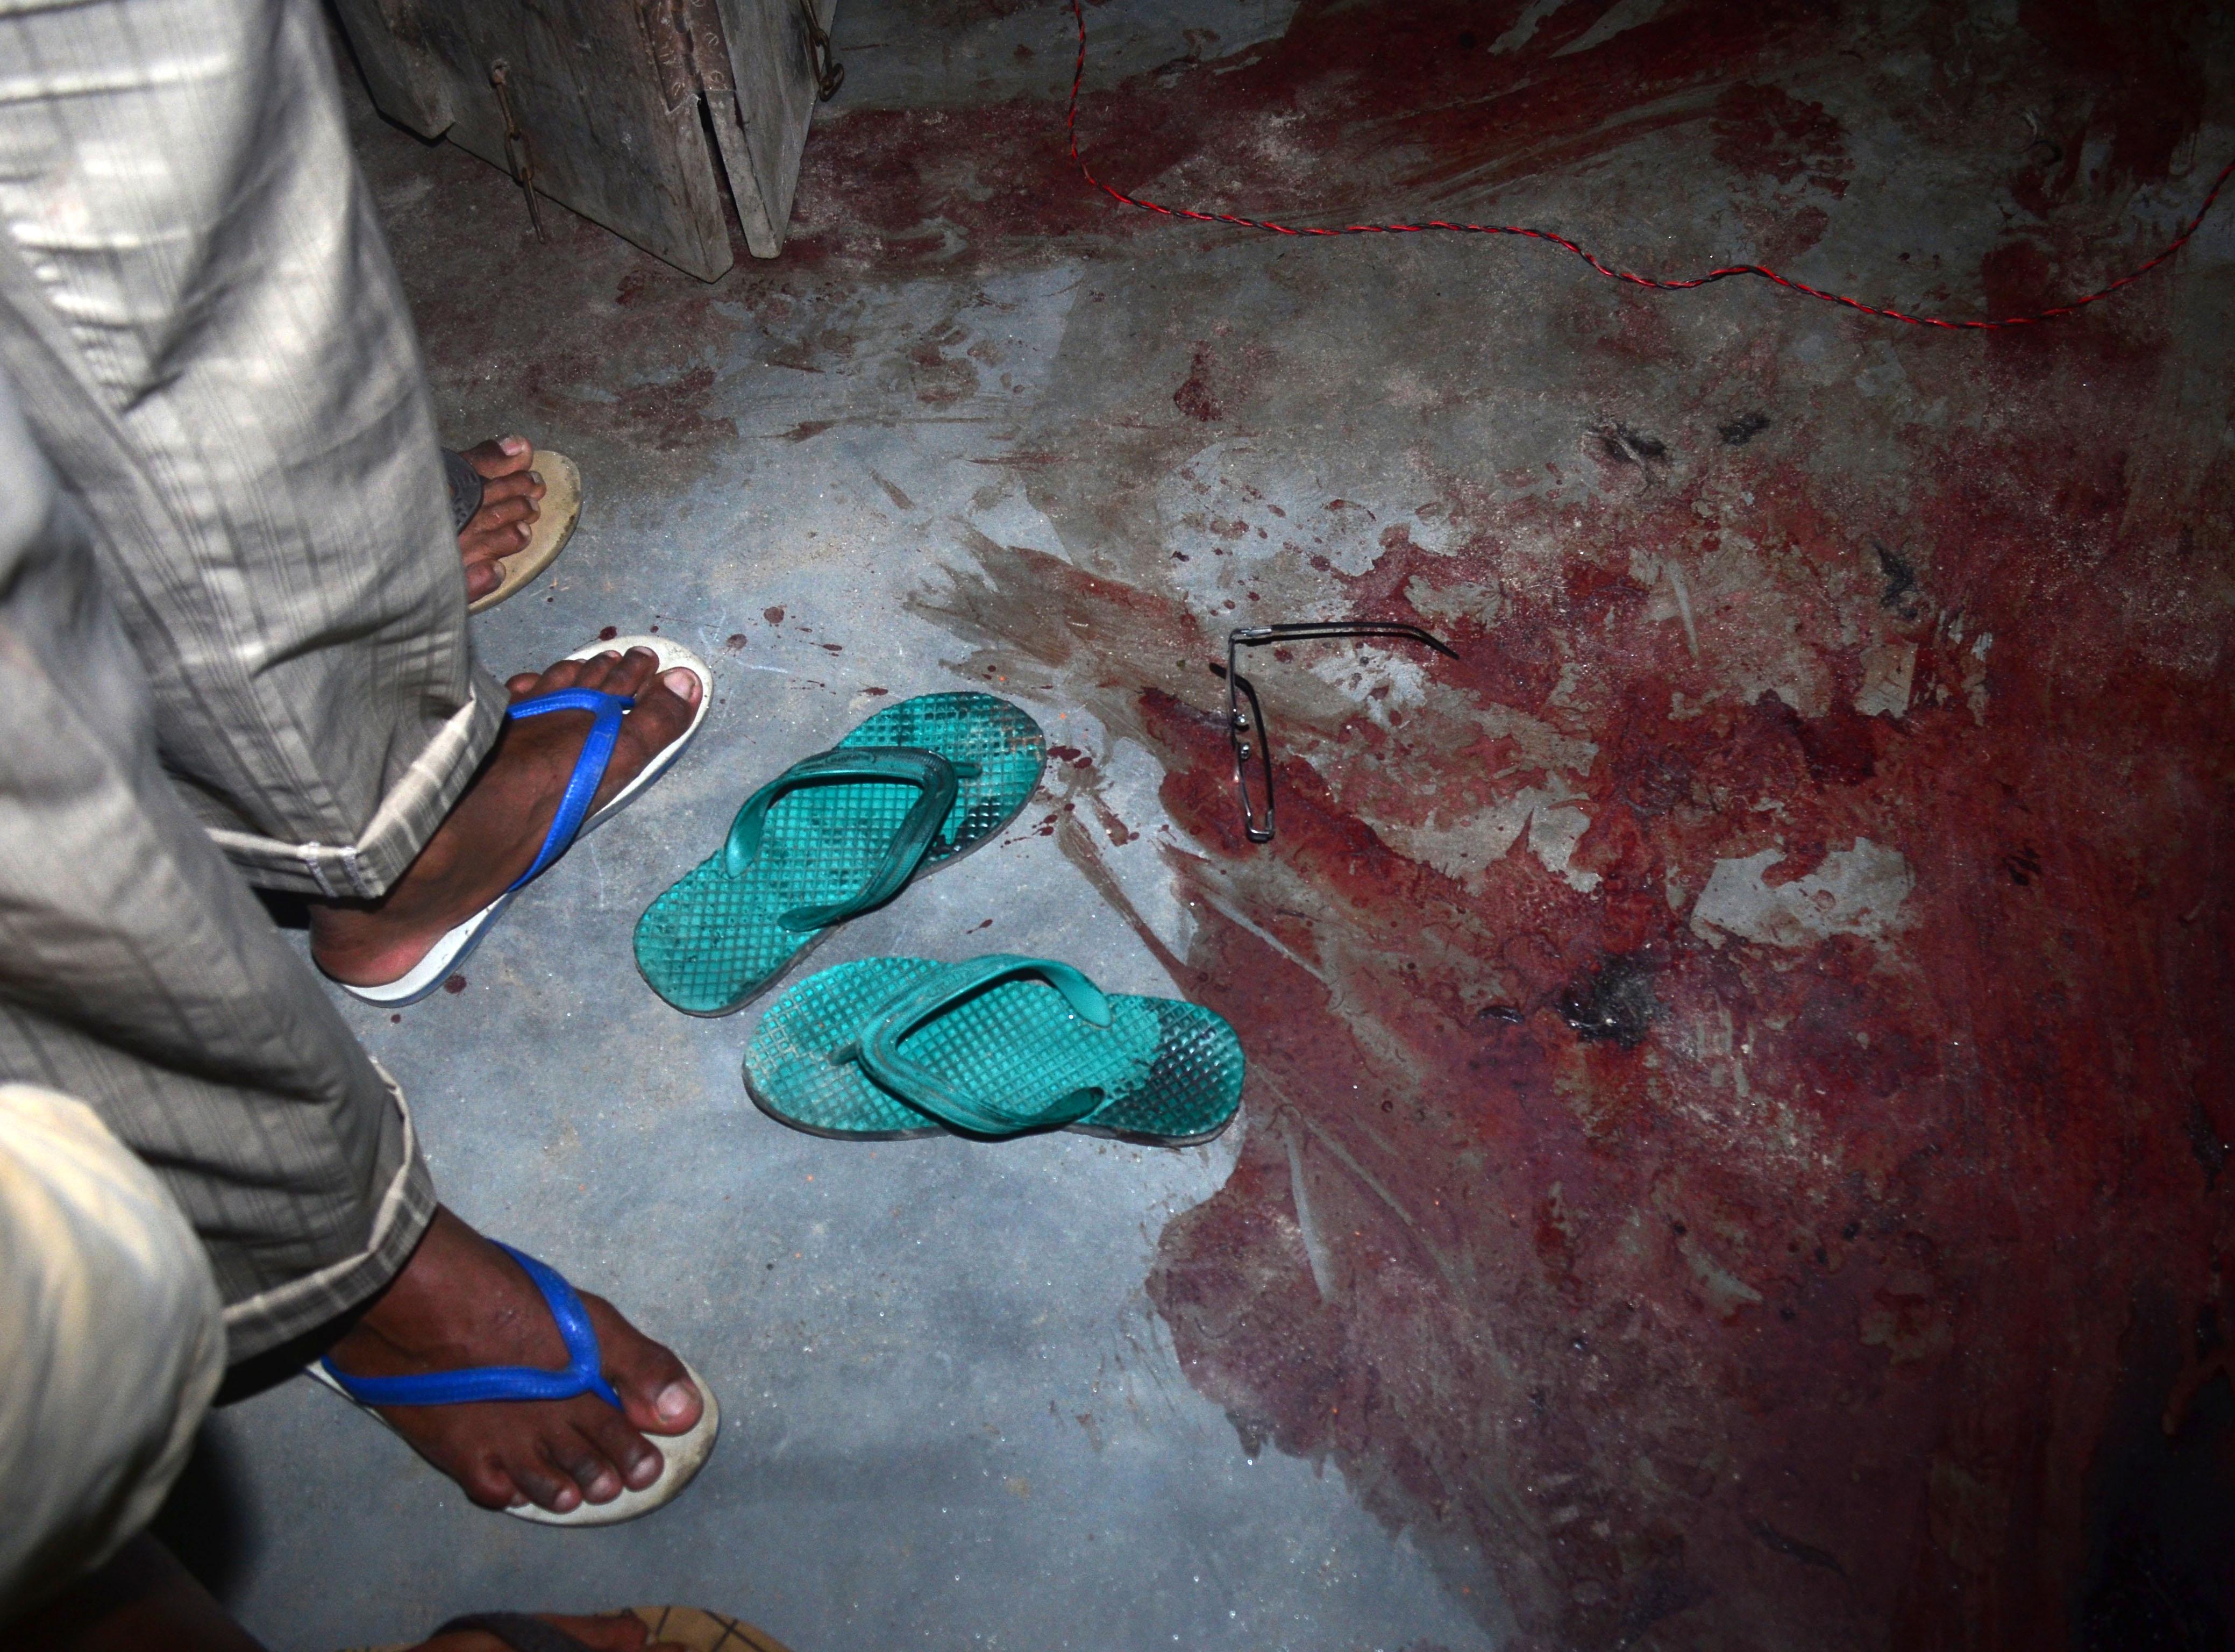 Fegyverekkel és gránátokkal támadtak a lázadók egy tömött piacra Indiában